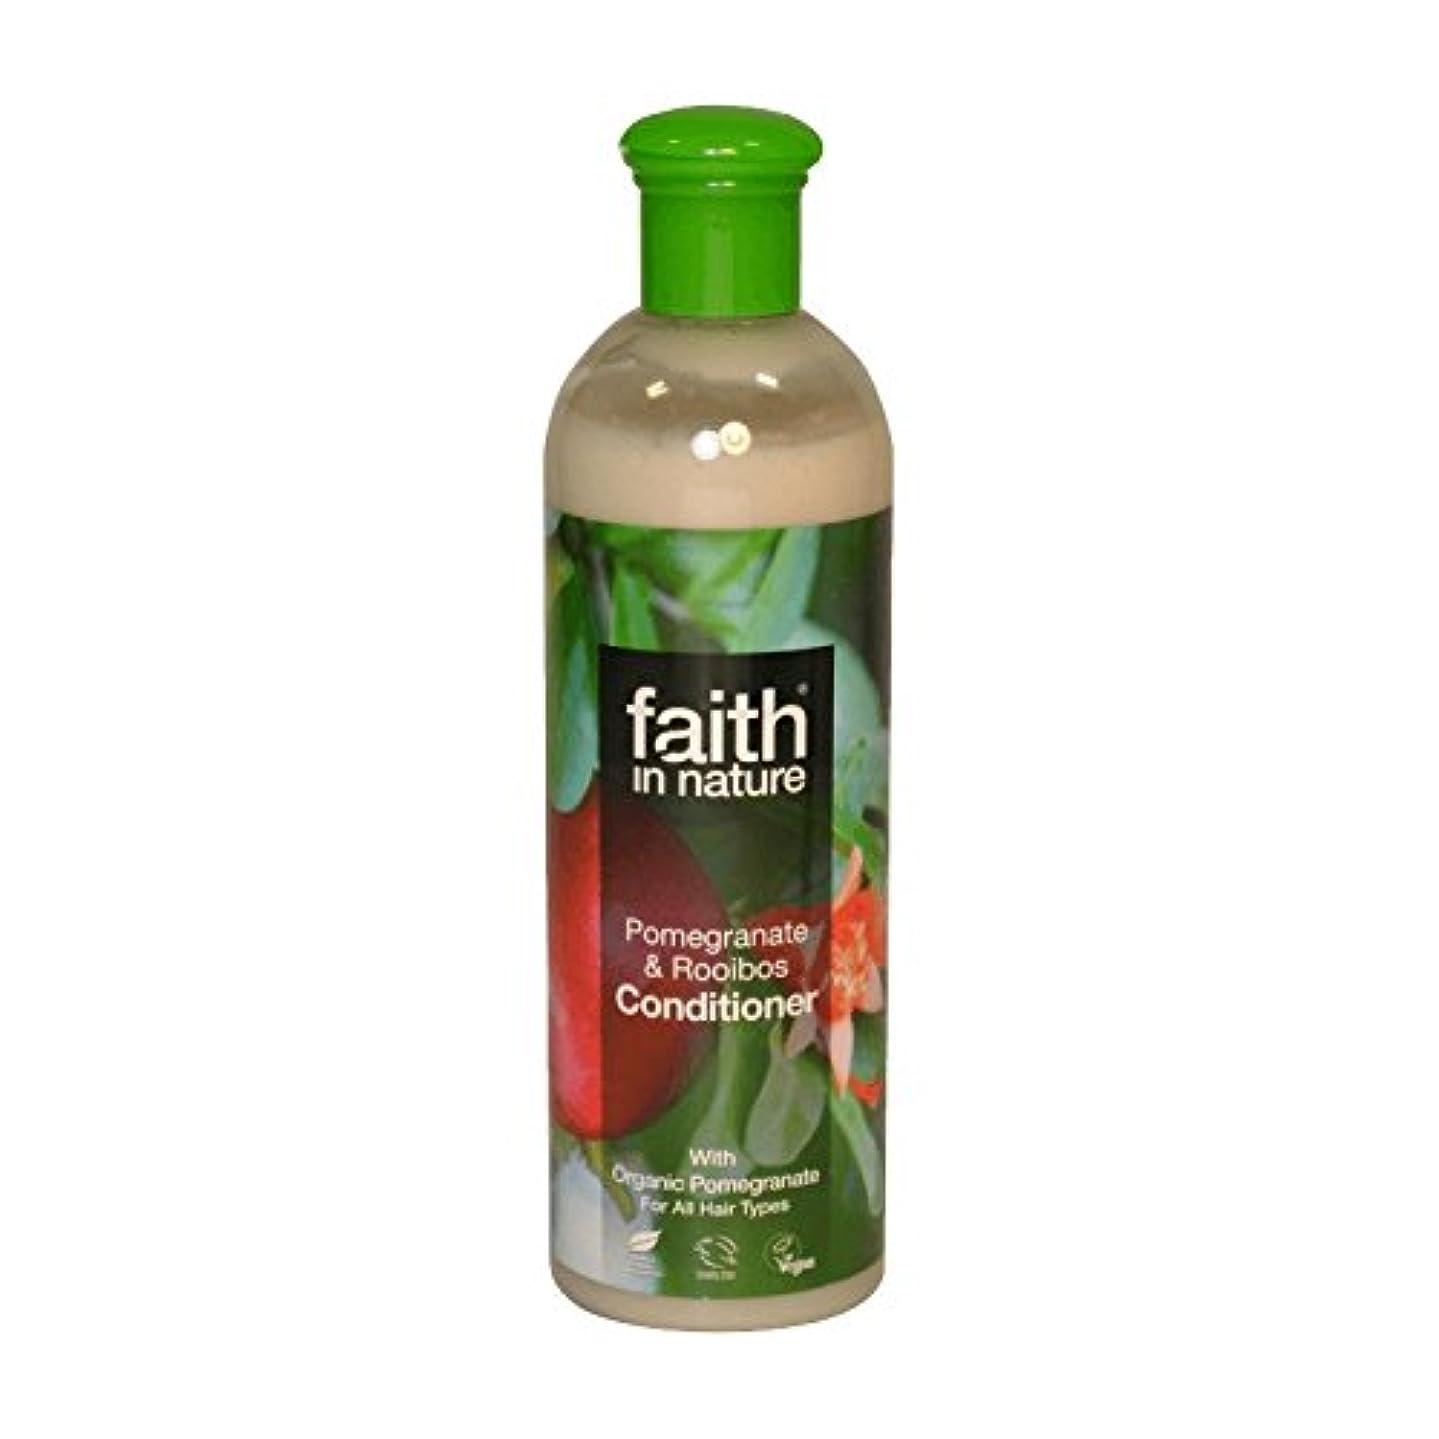 薄暗い欲しいです夕暮れFaith in Nature Pomegranate & Roobios Conditioner 400ml (Pack of 2) - 自然ザクロ&Roobiosコンディショナー400ミリリットルの信仰 (x2) [...